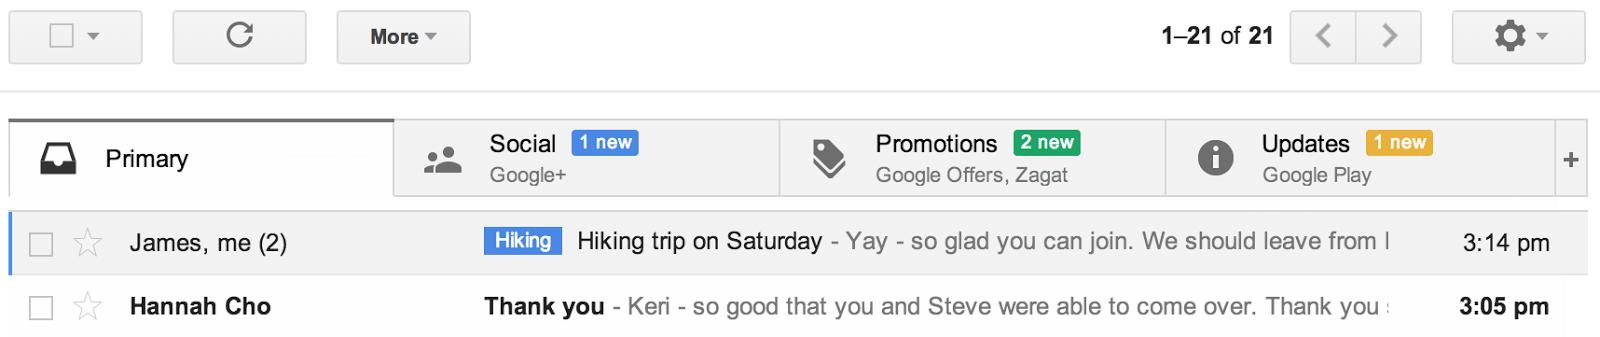 Gmail bekommt neues Design mit Tabs – Update: Jetzt fuer alle!